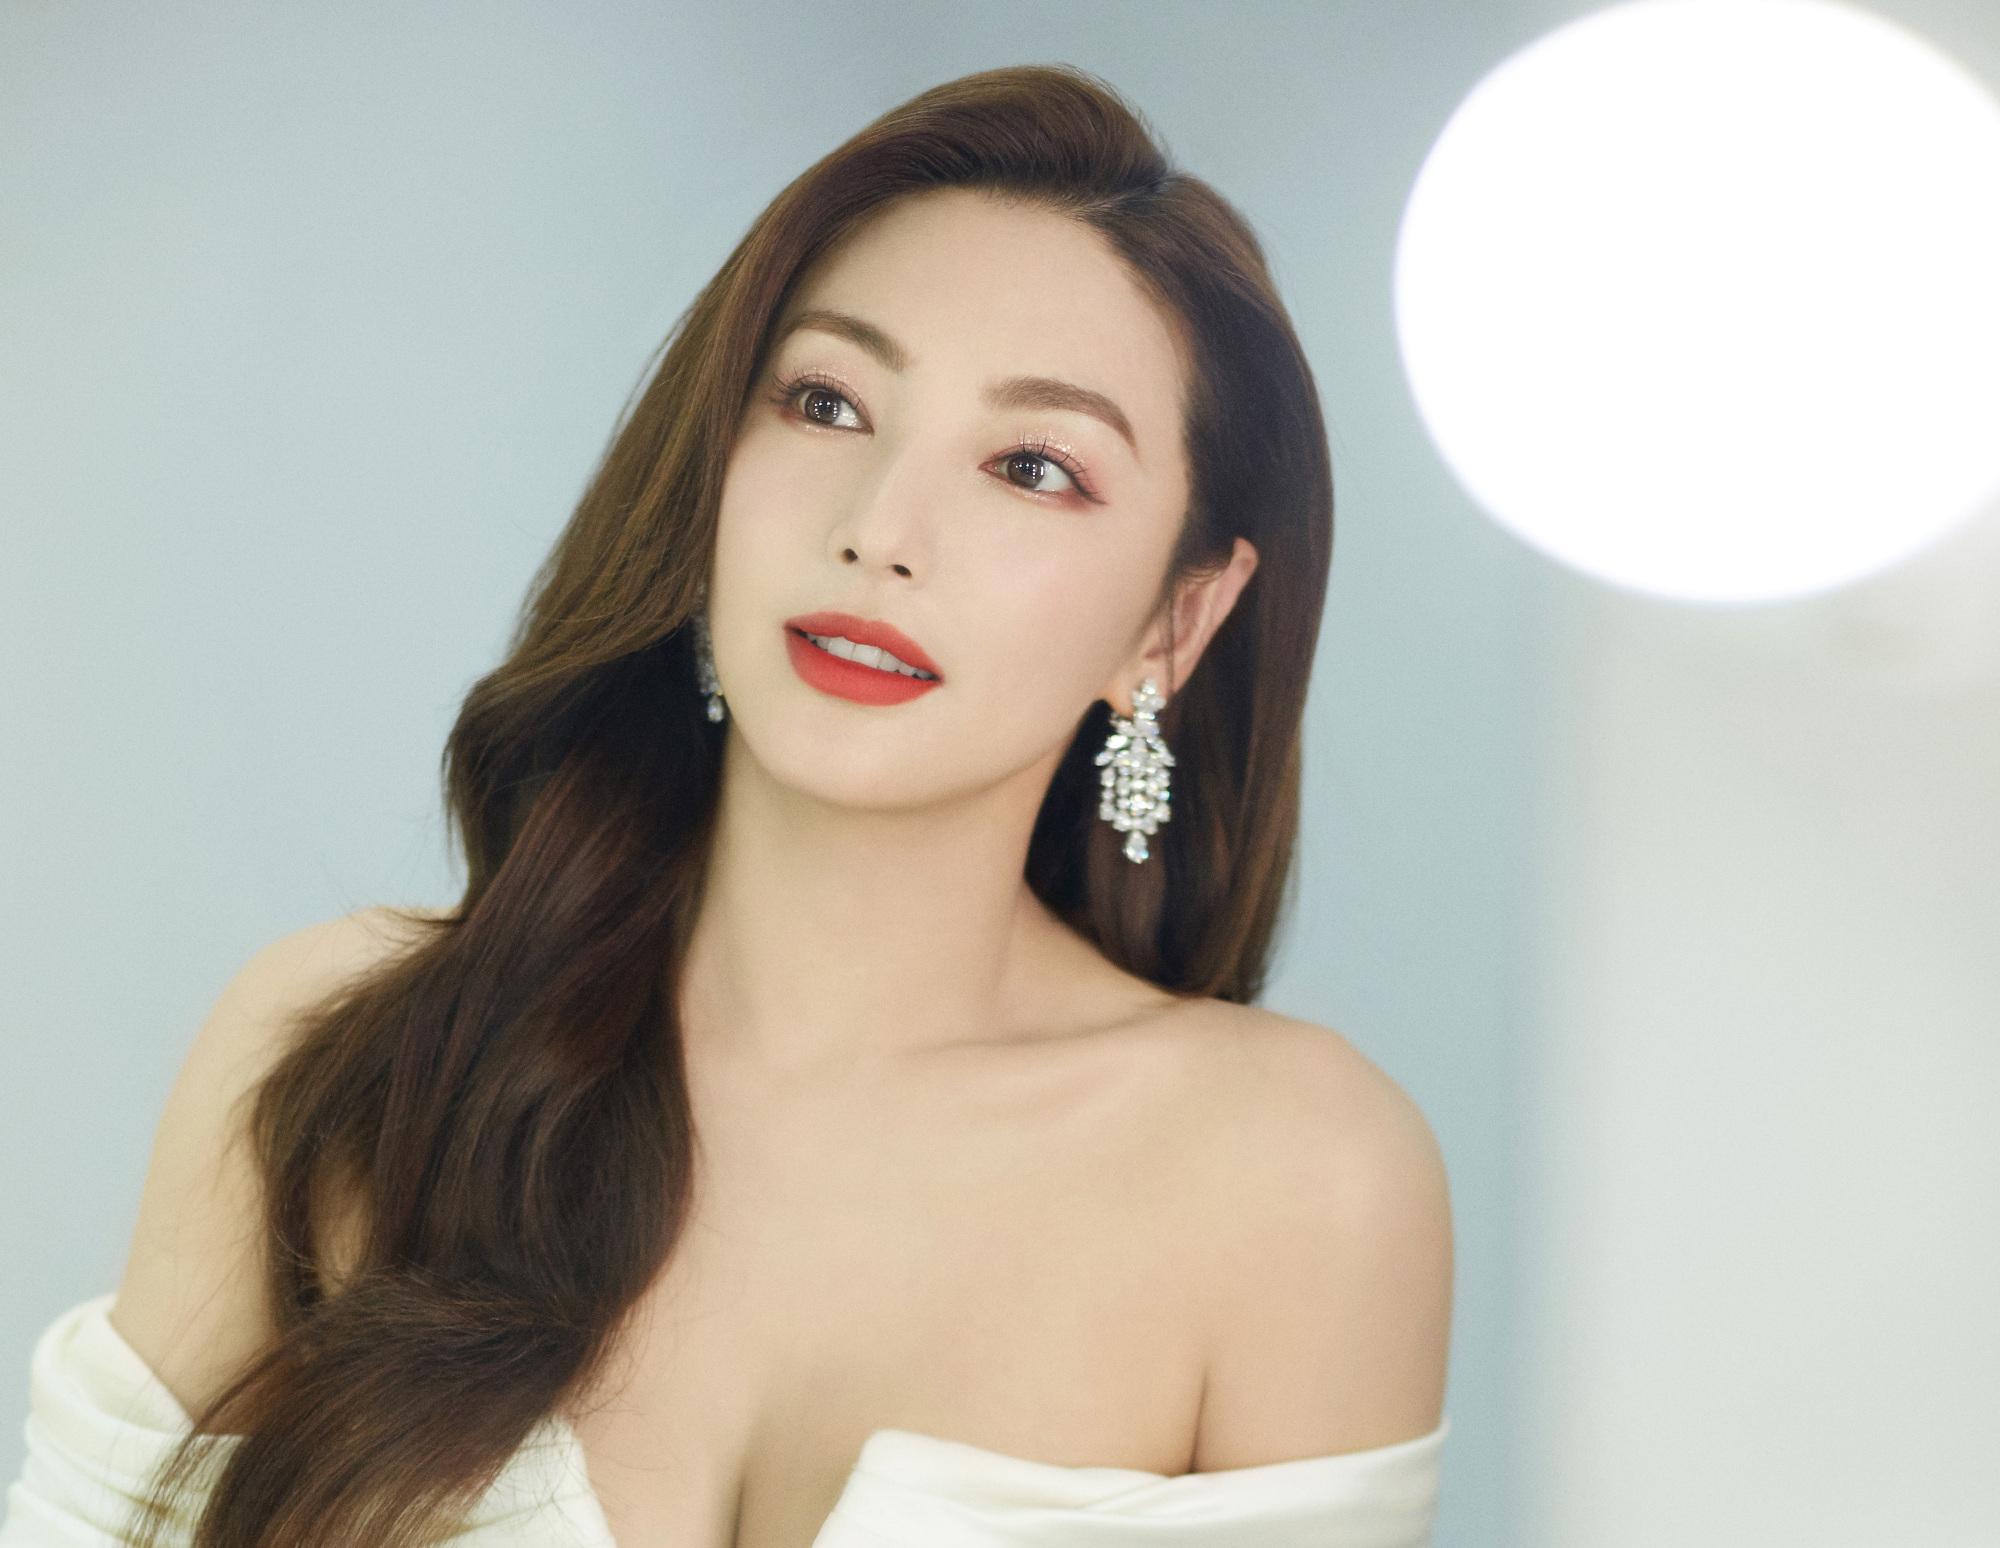 张雨绮恋26岁鲜肉?却被硬糖少女陈卓璇吐槽普通?